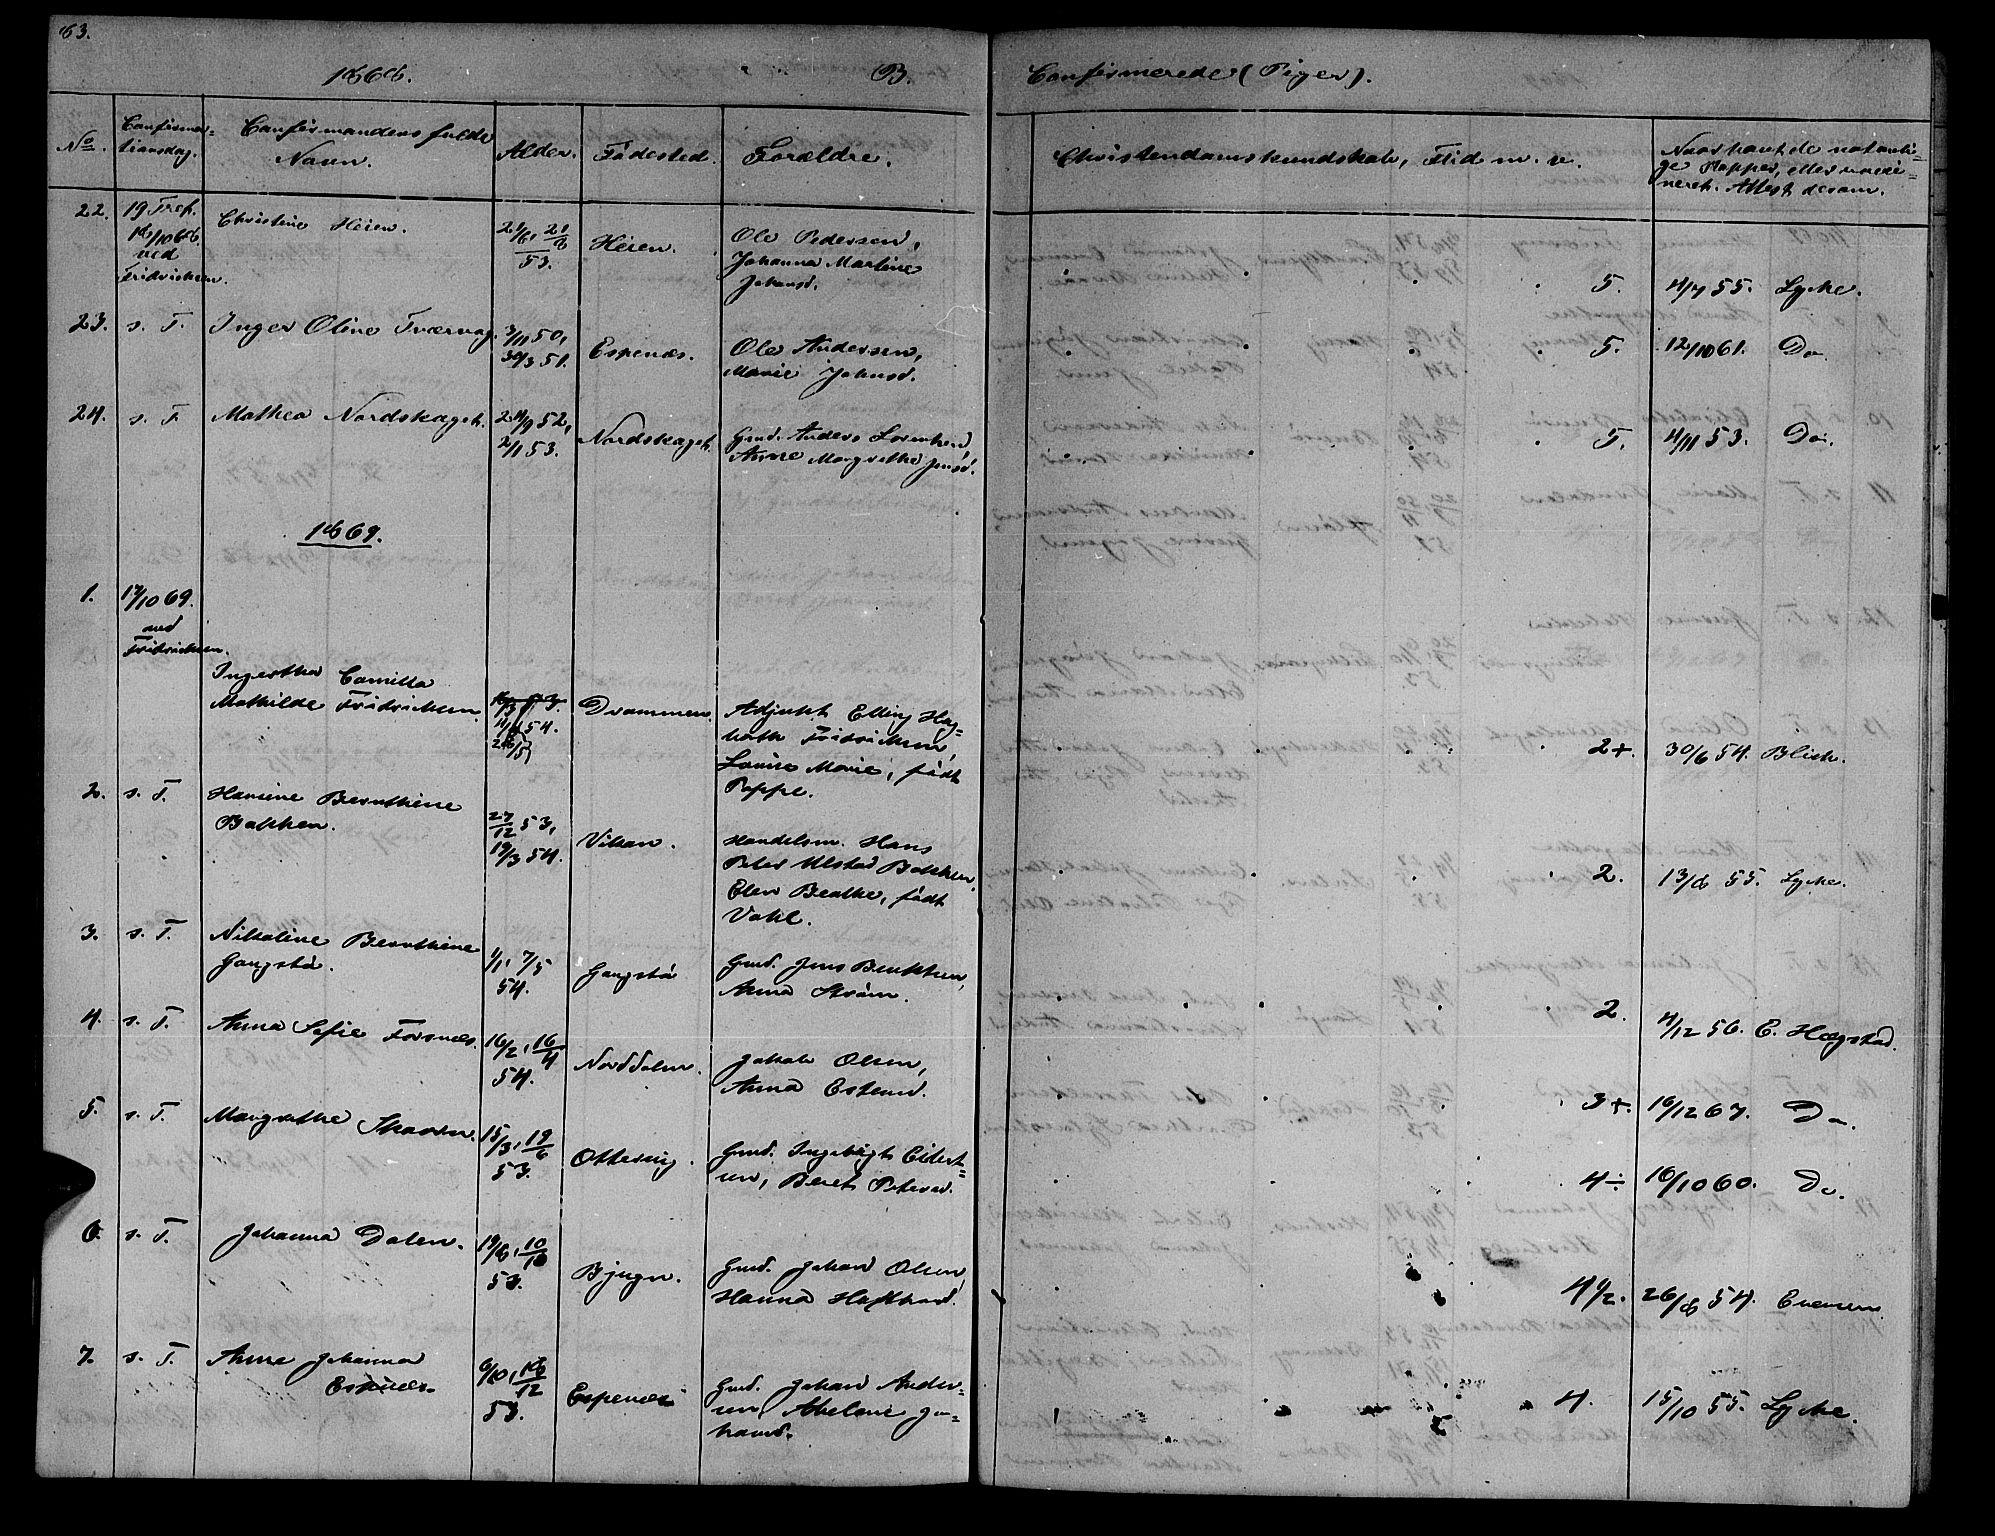 SAT, Ministerialprotokoller, klokkerbøker og fødselsregistre - Sør-Trøndelag, 634/L0539: Klokkerbok nr. 634C01, 1866-1873, s. 83